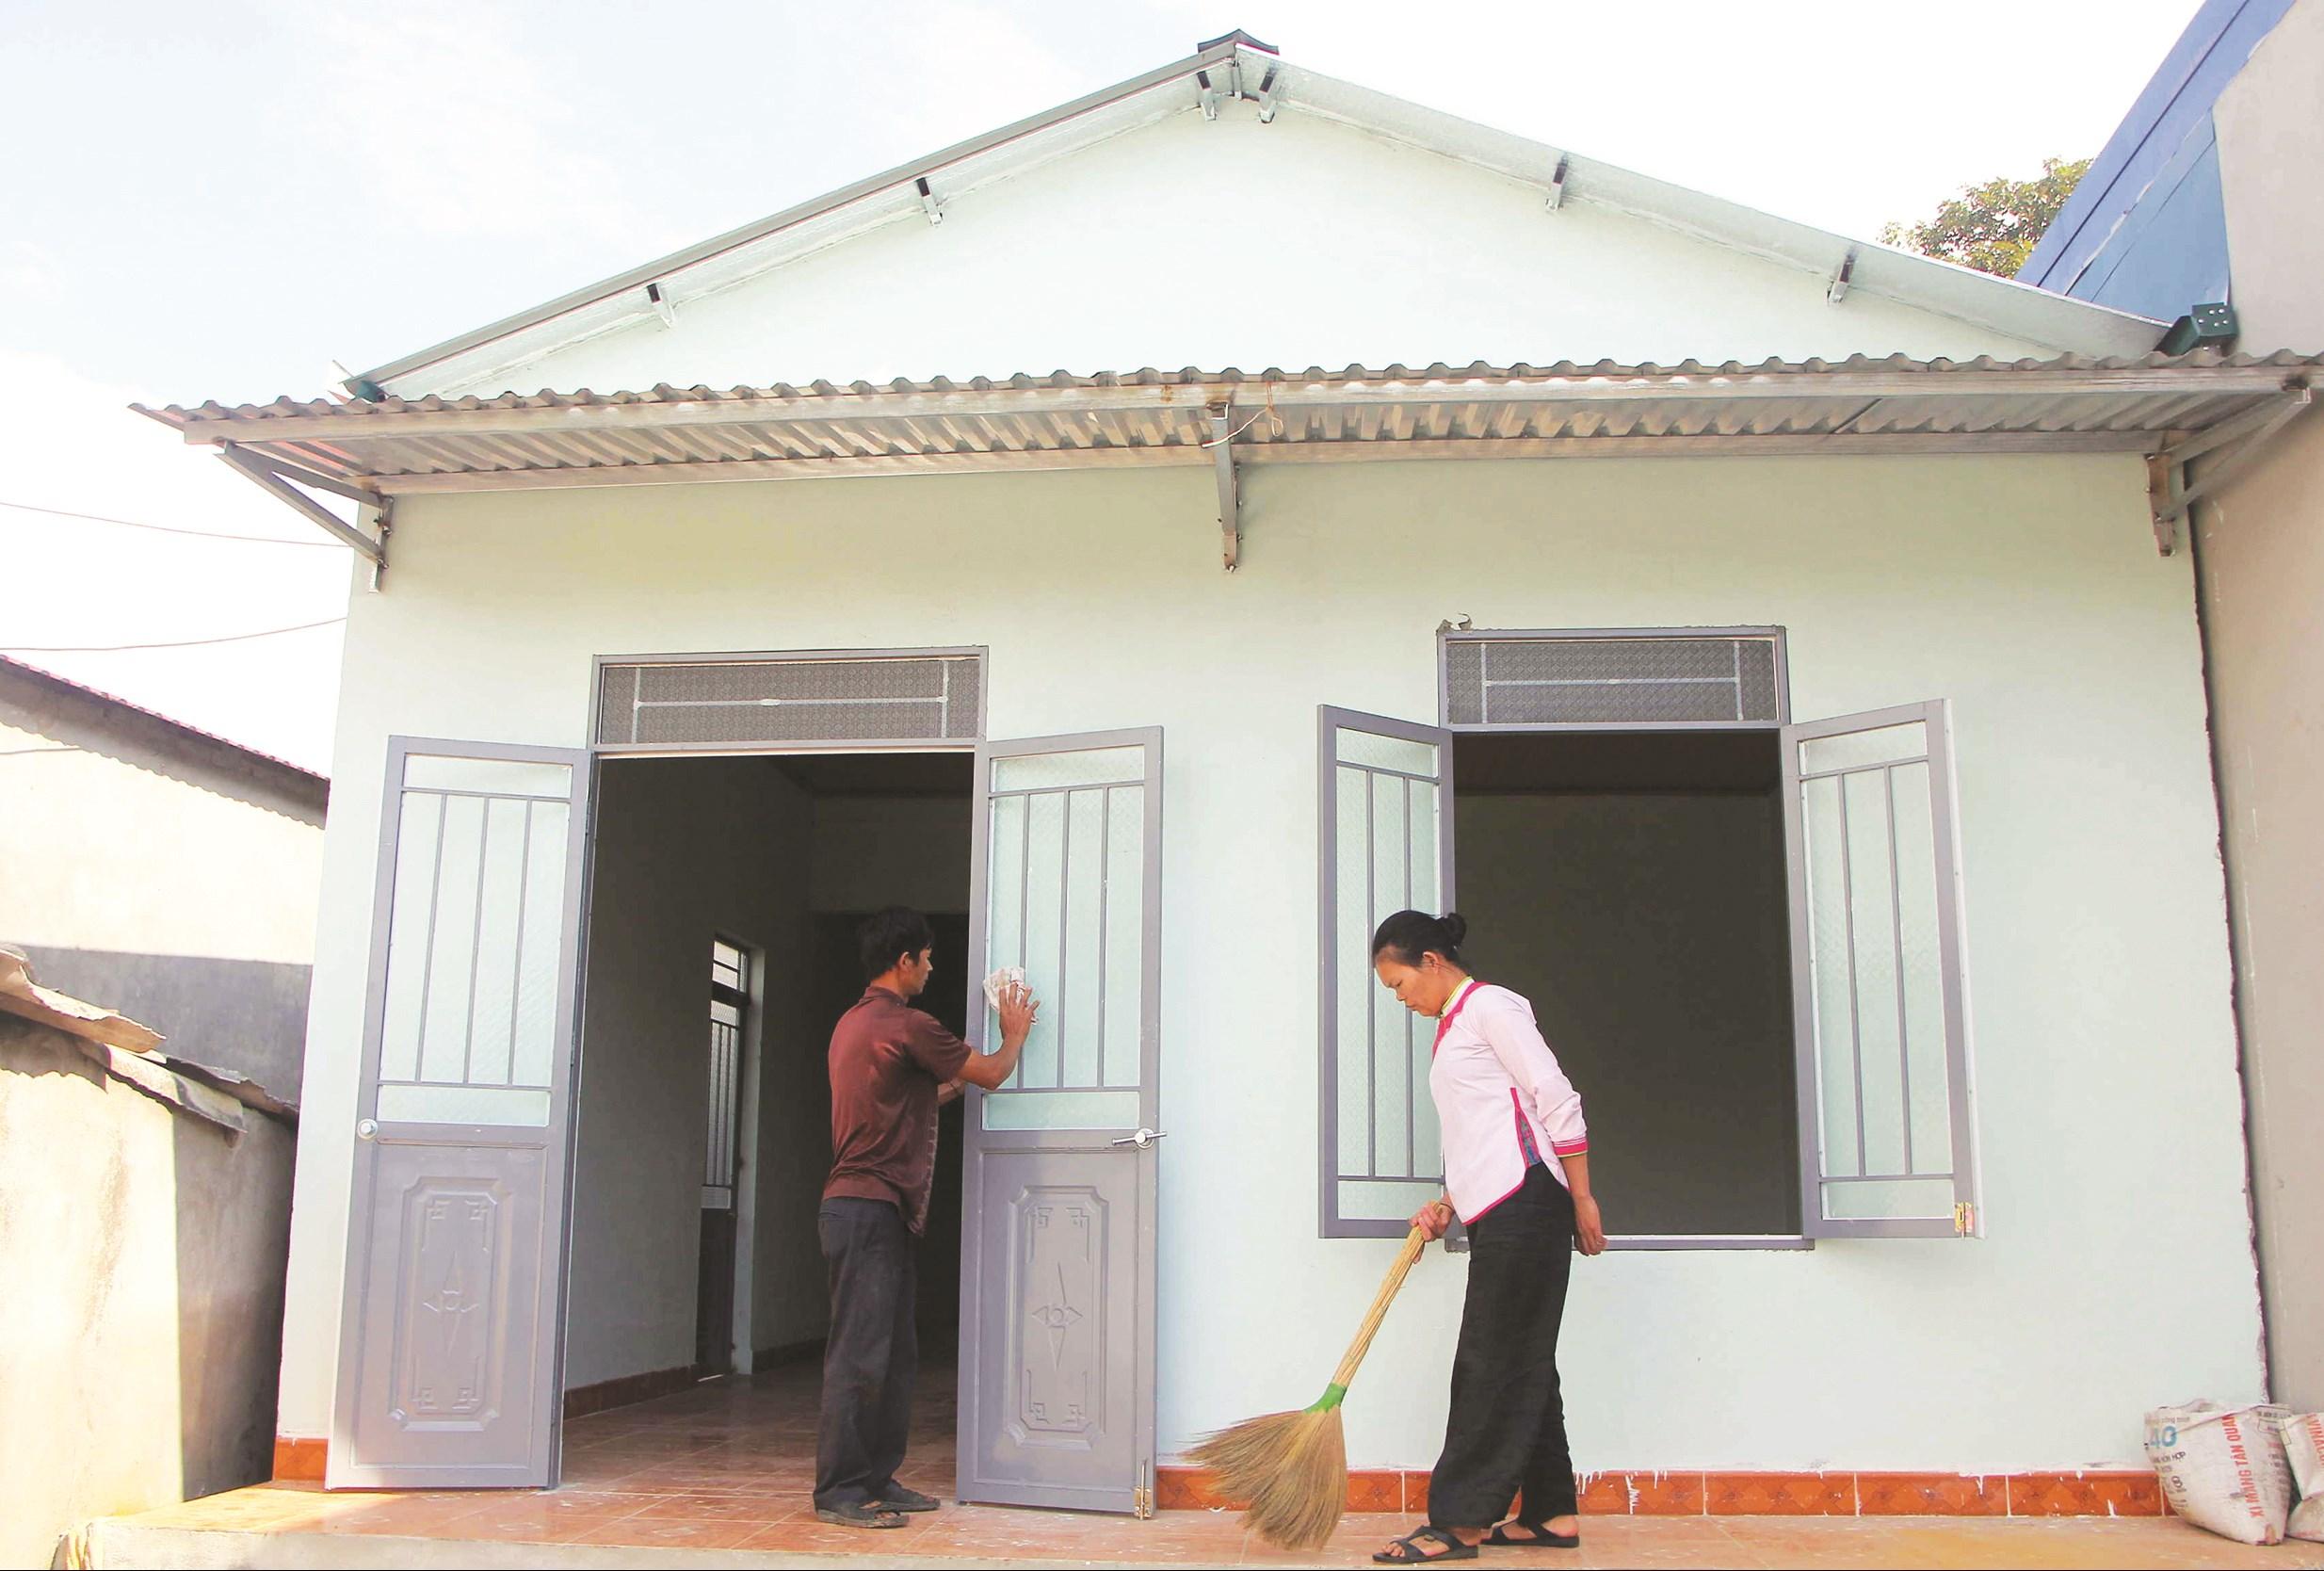 Nhiều gia đình có nhà kiến cố nhưng vẫn là hộ nghèo do nhà được xây dựng từ các nguồn hỗ trợ. (Trong ảnh: Gia đình chị Thào Thị Hong, ở bản San Thàng 2, xã Sang Thàng, TP. Lai Châu có nhà mới từ tháng 11/2019 từ nguồn hỗ trợ Quỹ Vì người nghèo của tỉnh Lai Châu - Ảnh TL)